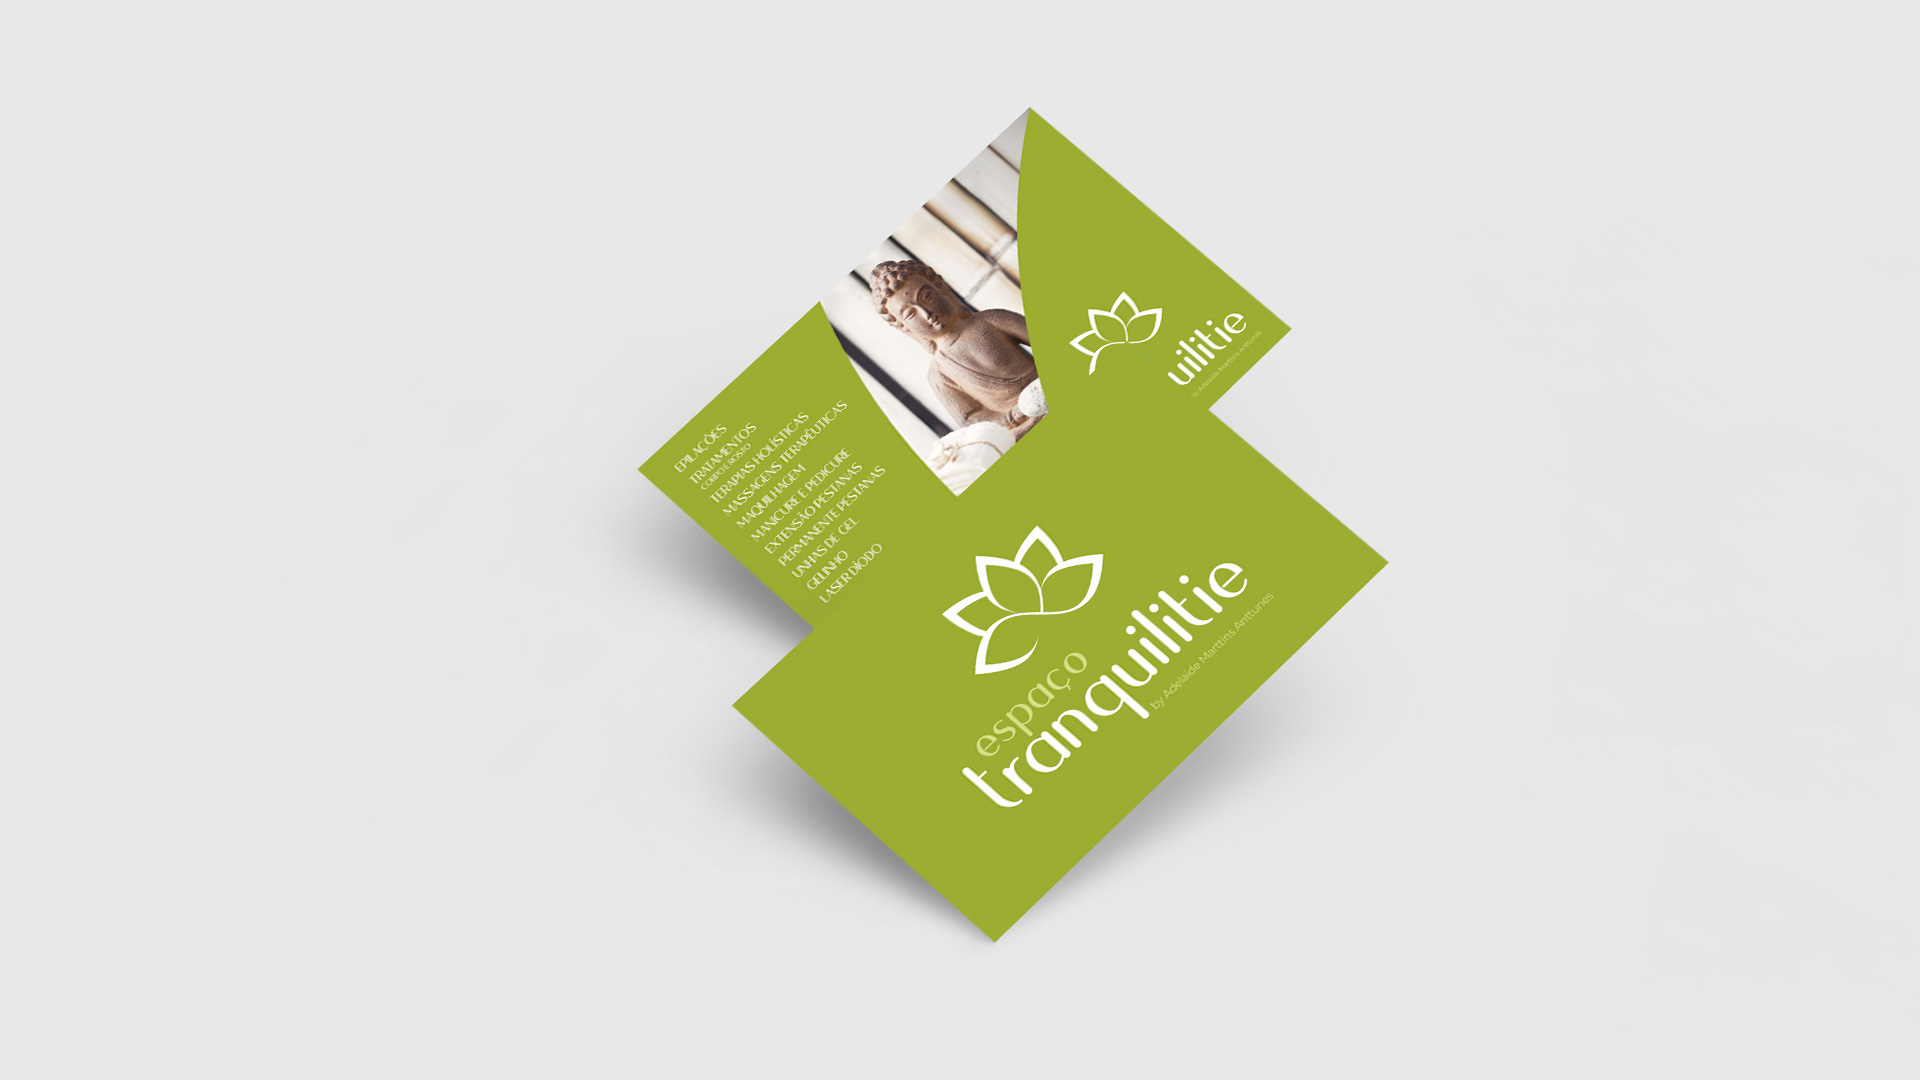 cartão visita-tranquiliti-design gráfico-publicidade